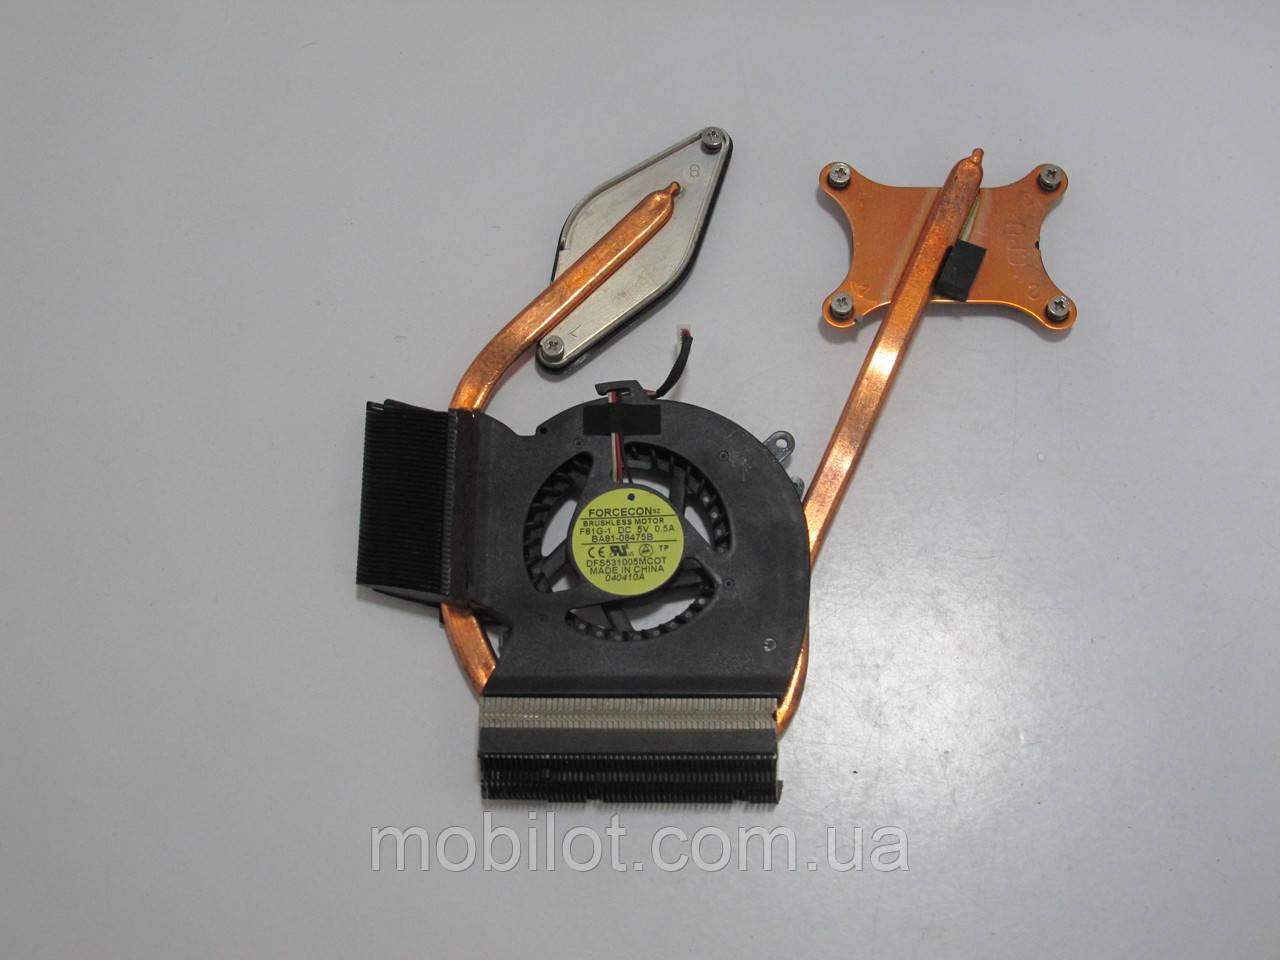 Система охлаждения Samsung R580 (NZ-6018)